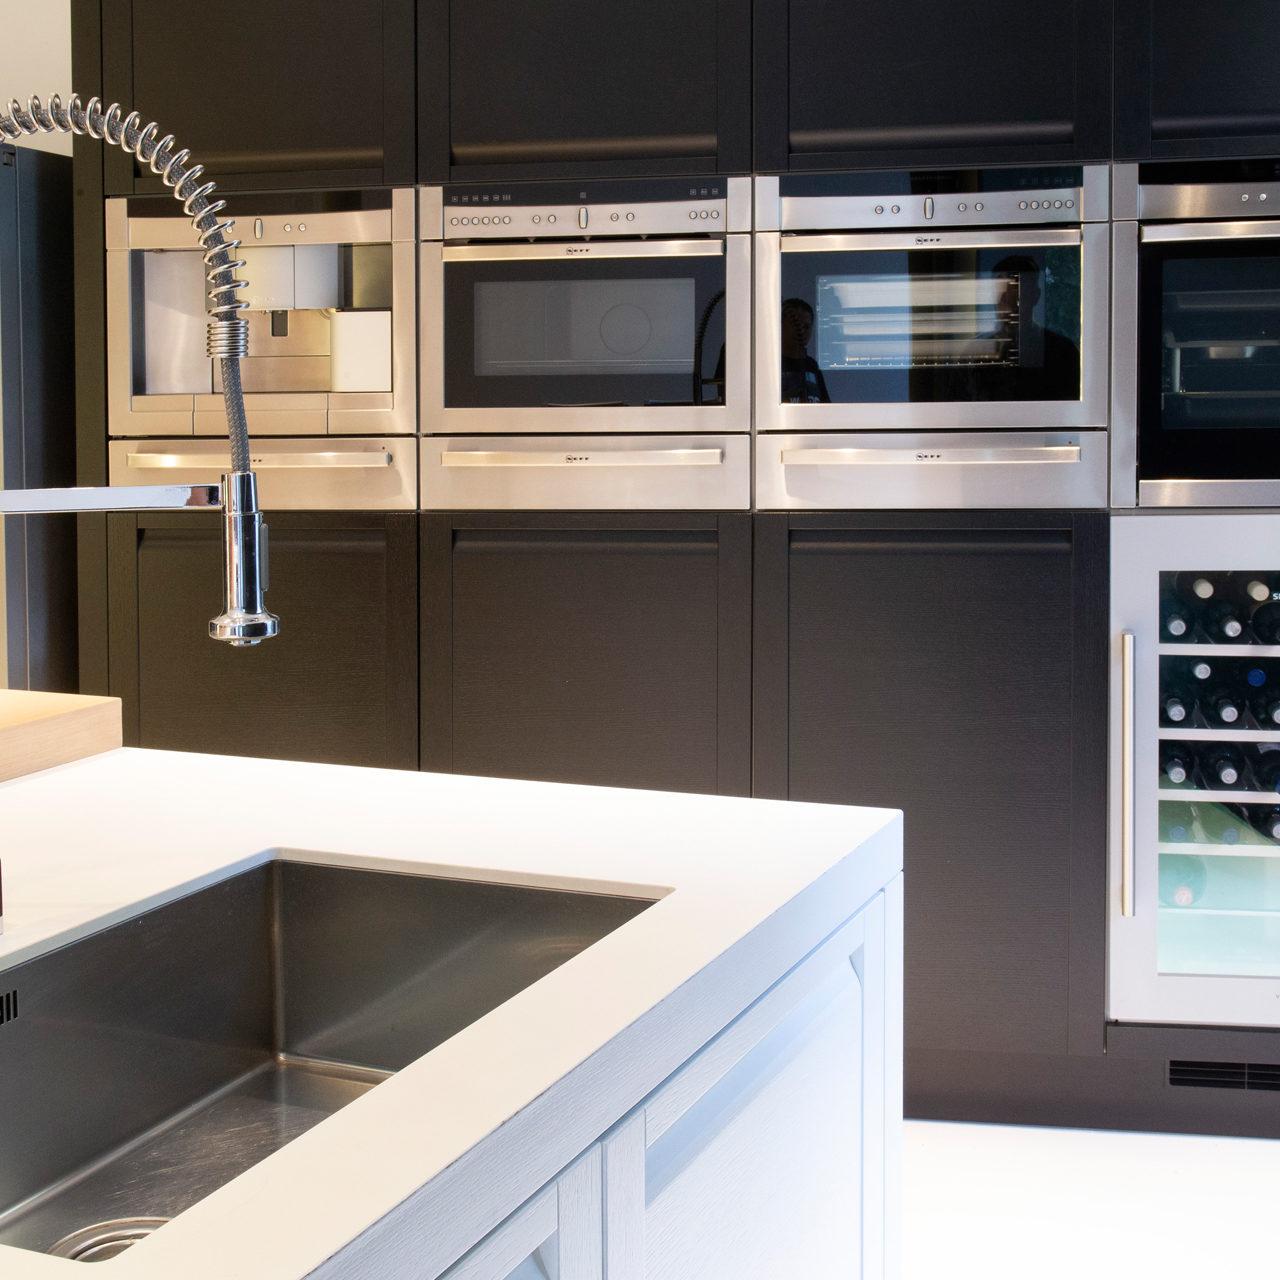 mueble-cocina-mitica-6-1